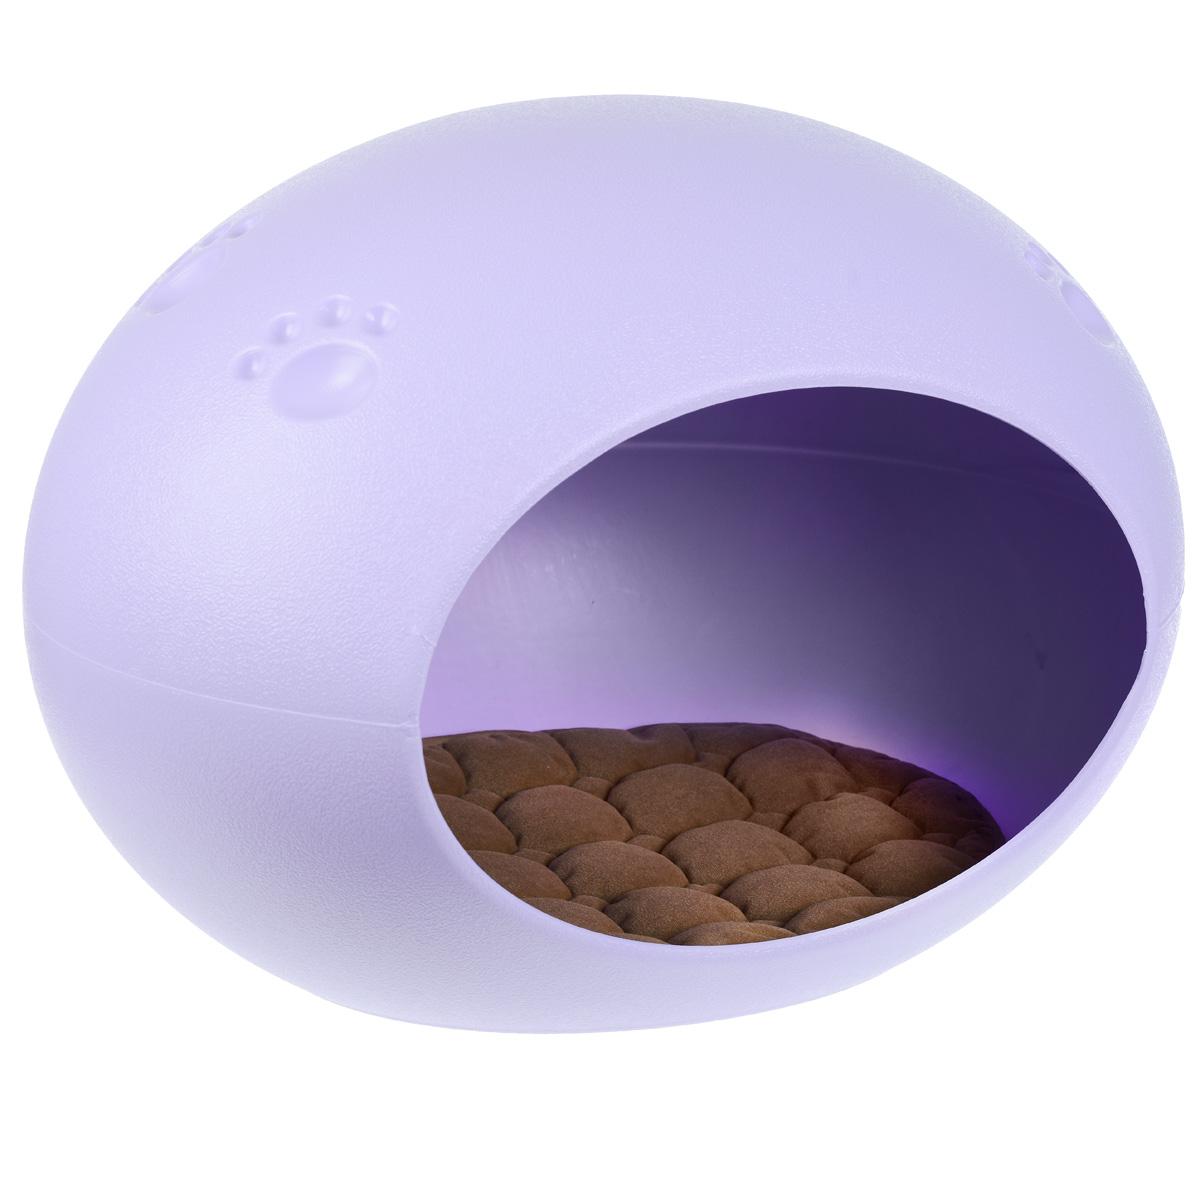 Домик-лежанка V.I.Pet, овальный, цвет: сиреневый, 60 см х 40 см х 40 см113140Пластиковый домик-лежанка с непревзойденным дизайном для кошек и мелких собак. Очень удобен, вместителен и легко может заменить питомцу домик. В комплект входит мягкая подстилка. Домик гармонично впишется в интерьер помещения, оформленного в стиле хай-тек, техно, модерн, минимализм. Такой стильный домик украсит интерьер, подчеркнет вашу индивидуальность и будет радовать вас и вашего питомца.Размер подстилки: 44 см х 35 см.